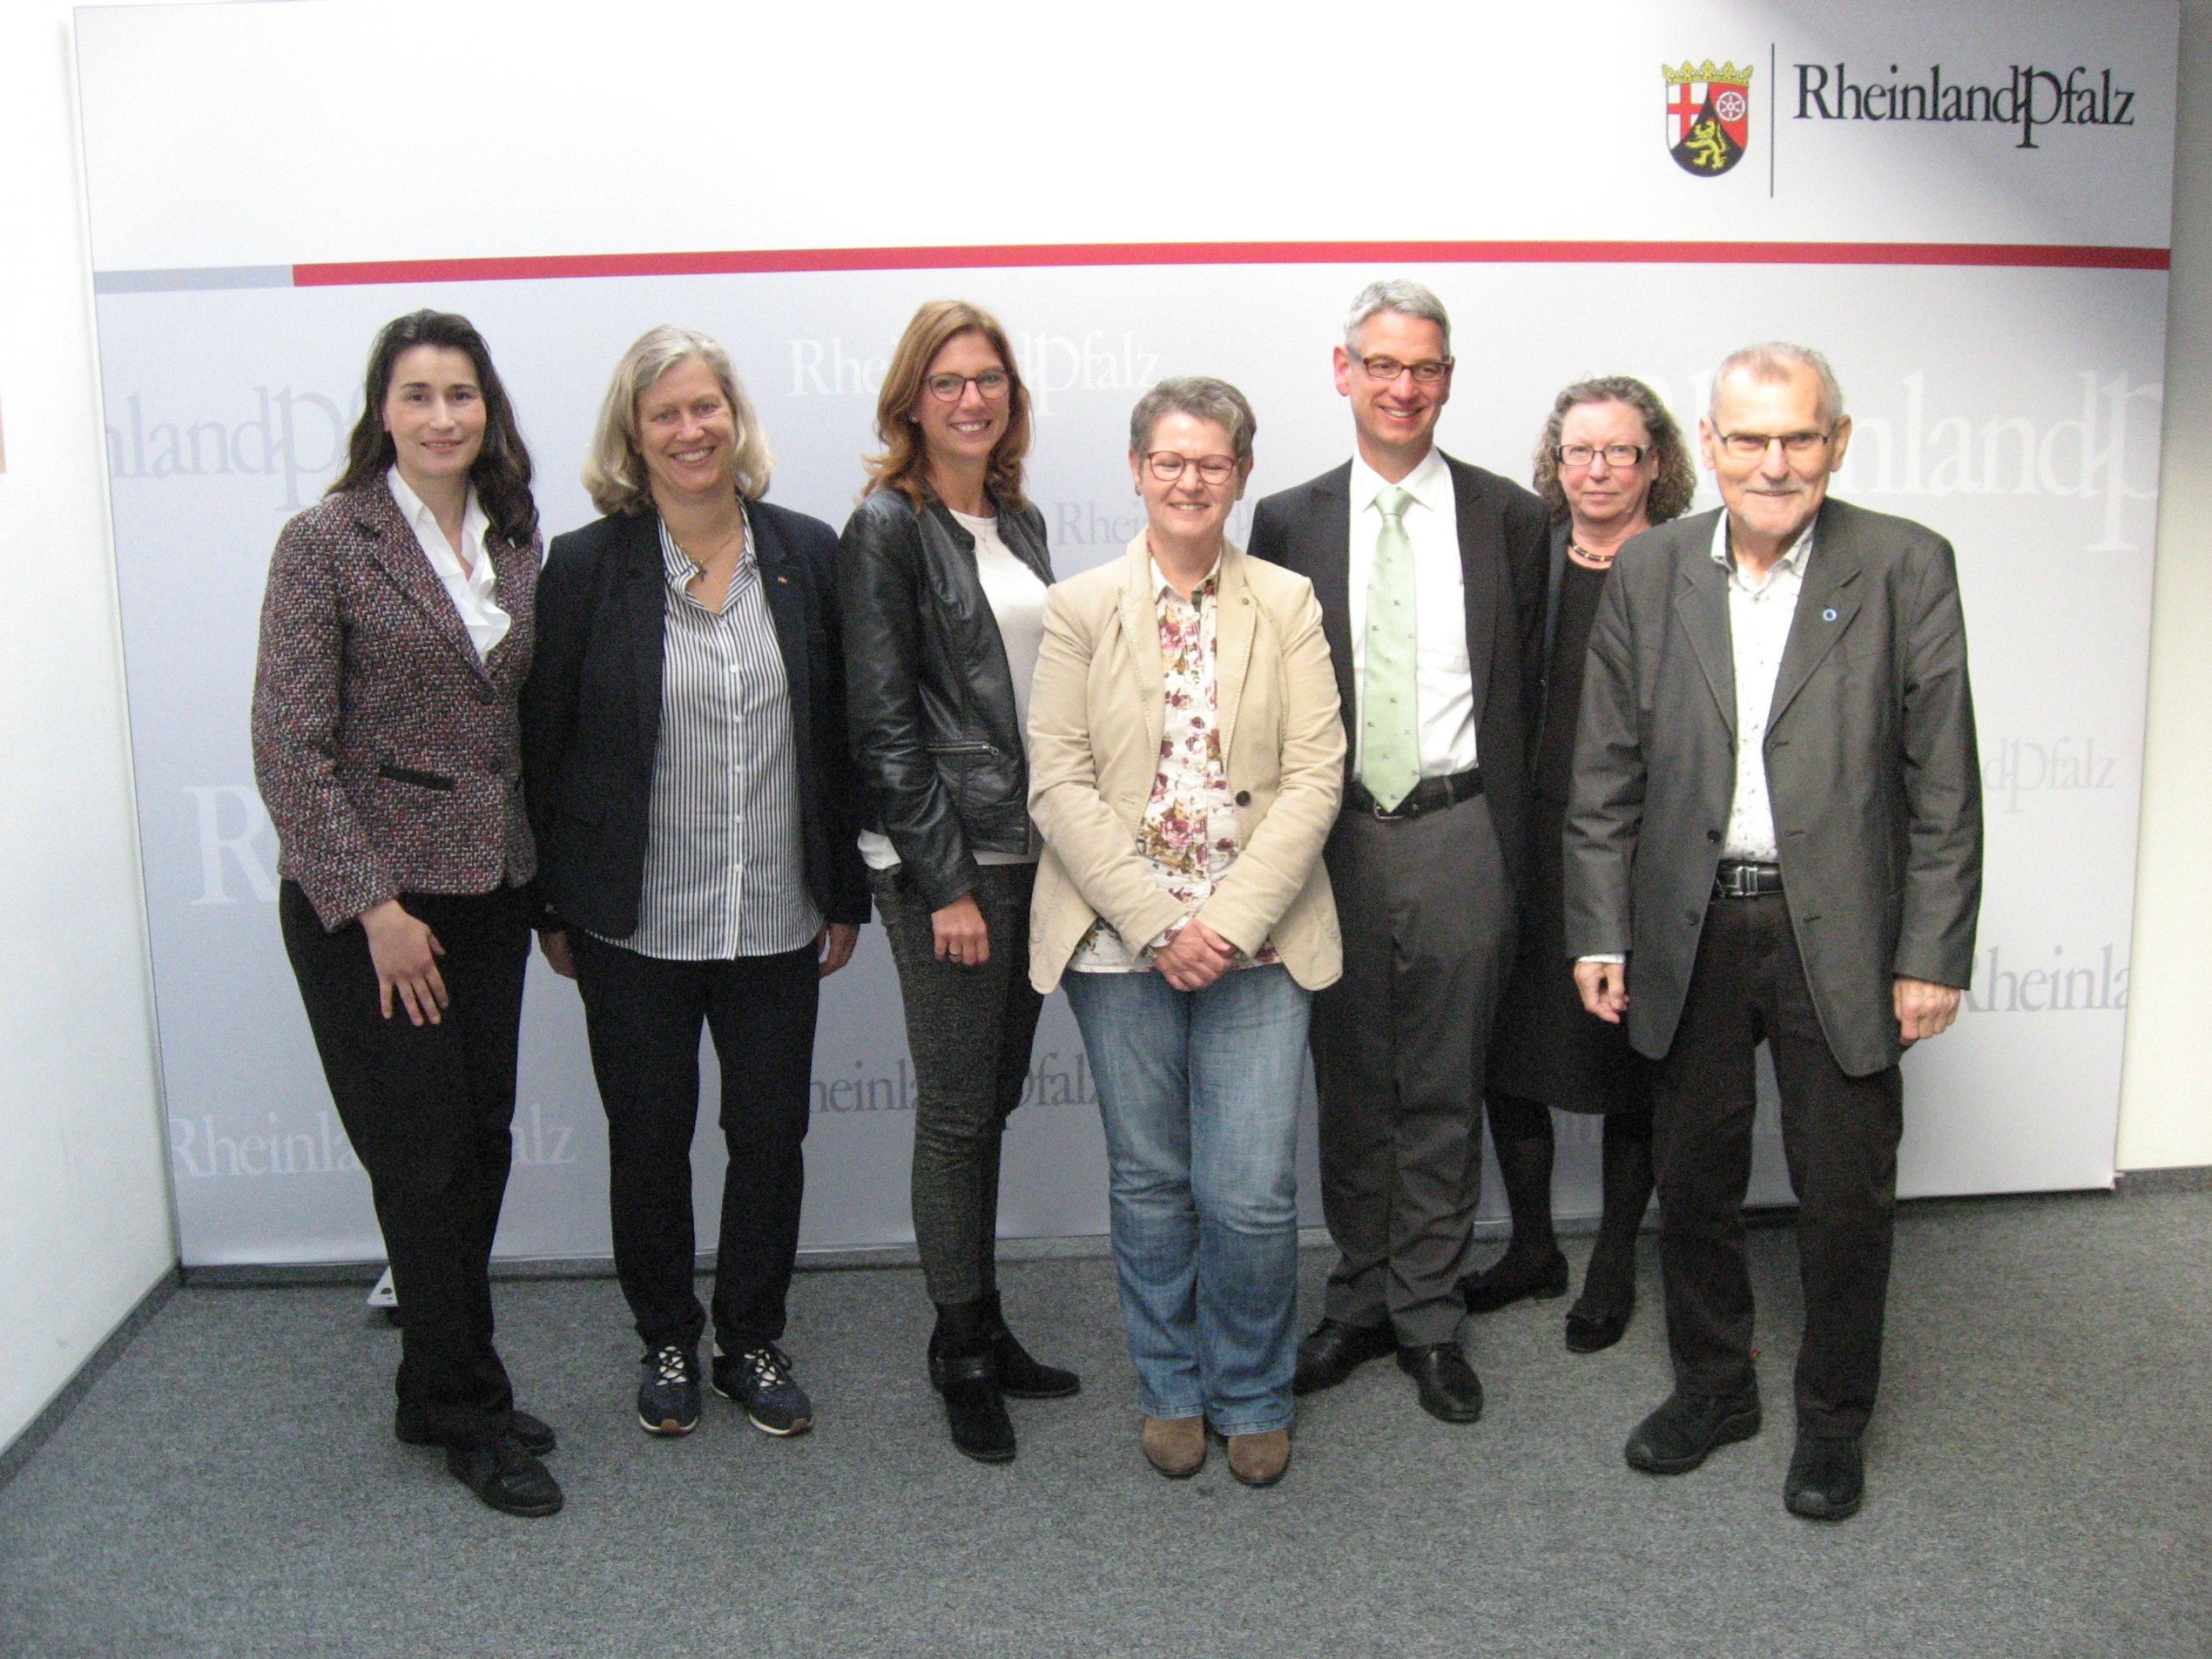 Treffen zur Nationalen Diabetesstrategie - Rheinland-Pfalz